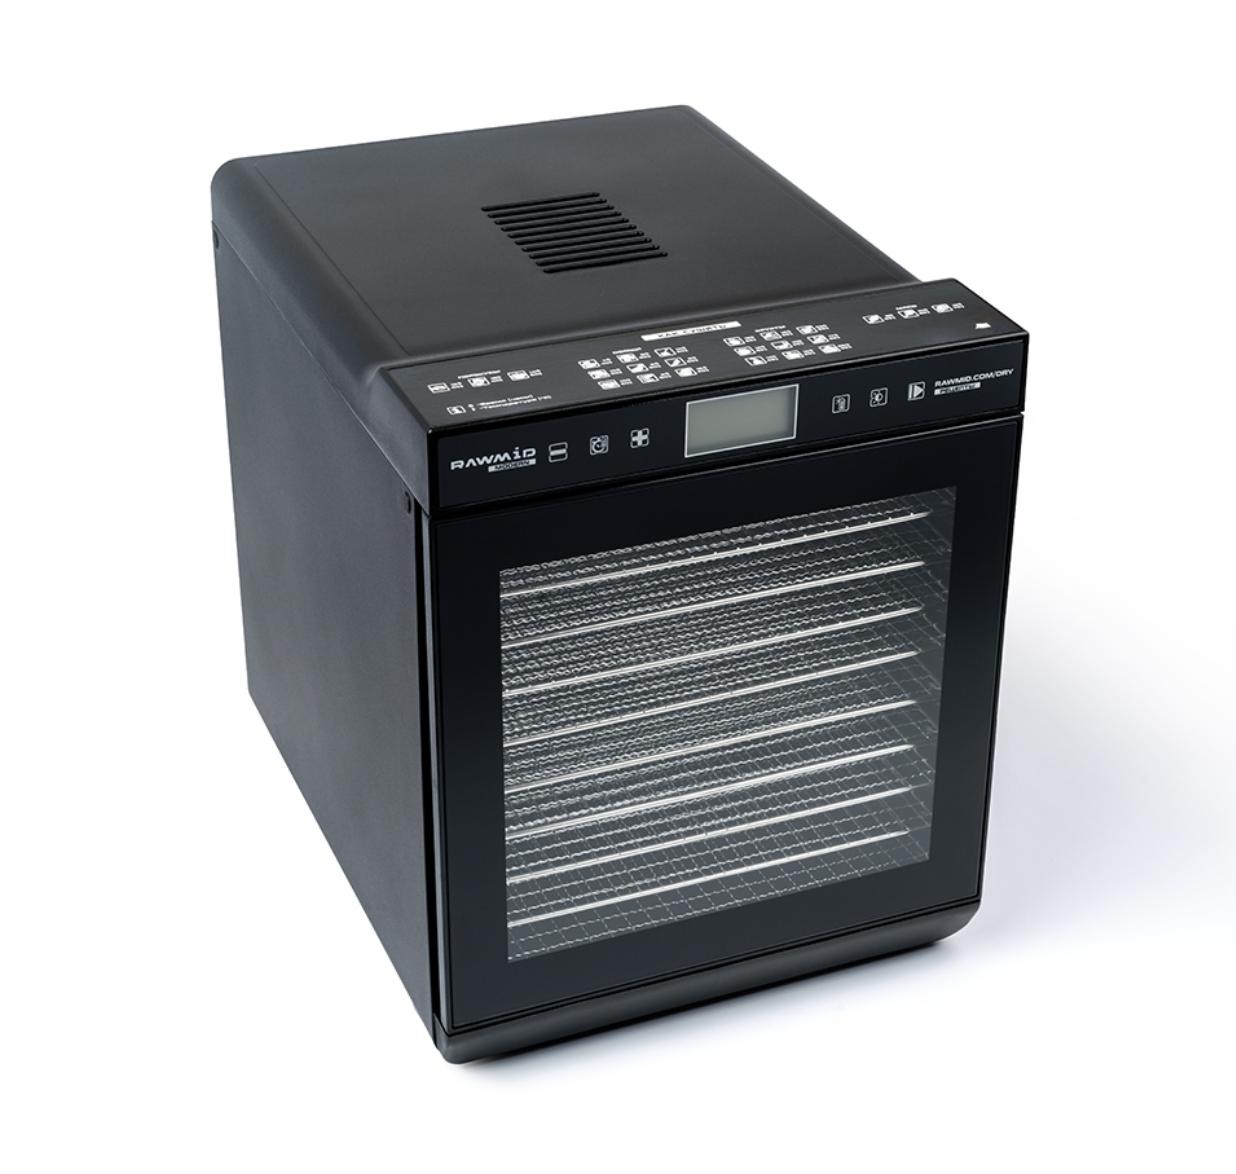 RawMID Дегидратор RawMID Dream Modern RMD-10 (10 стальных лотков) 2019-07-04_23-07-31.png